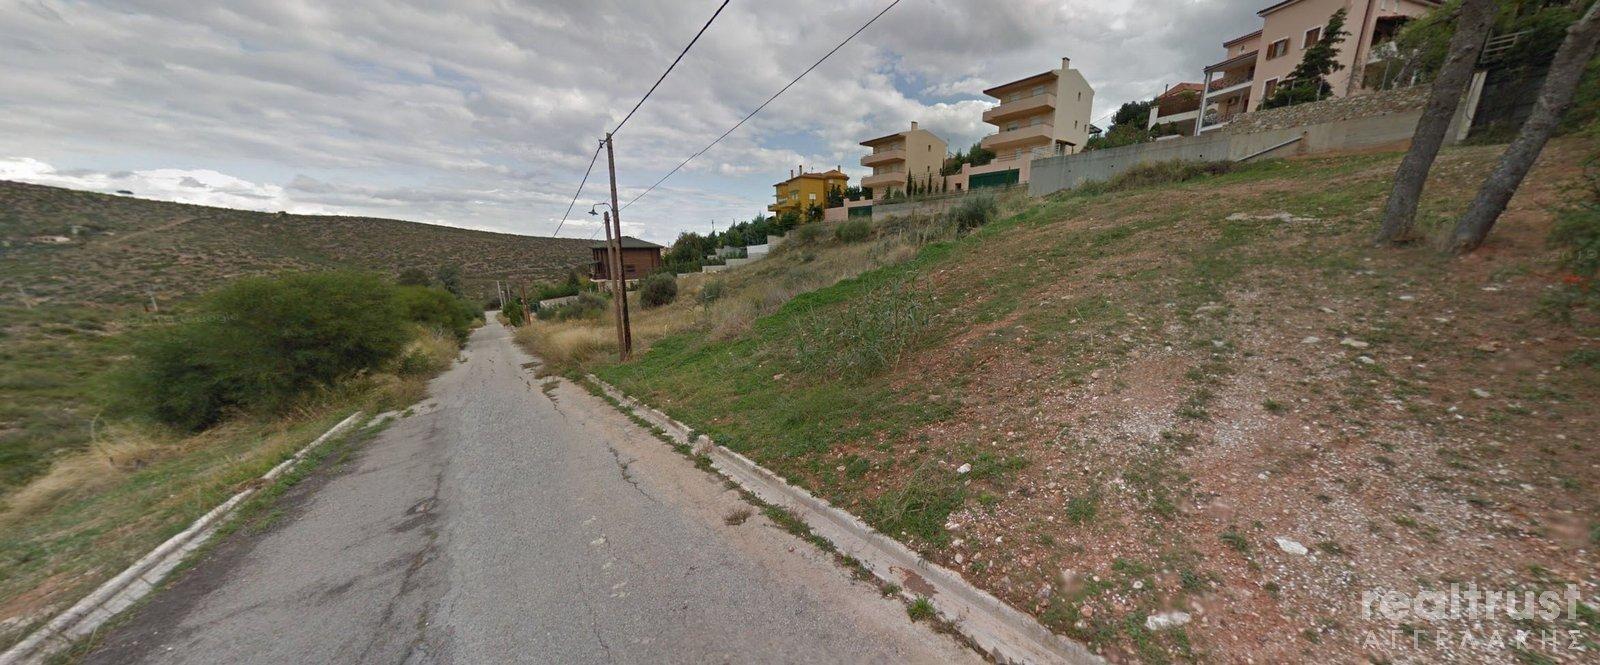 PLOT WITHIN THE CITY PLAN for sale 150.000€ PIKERMI ATTICA (code P-7886)